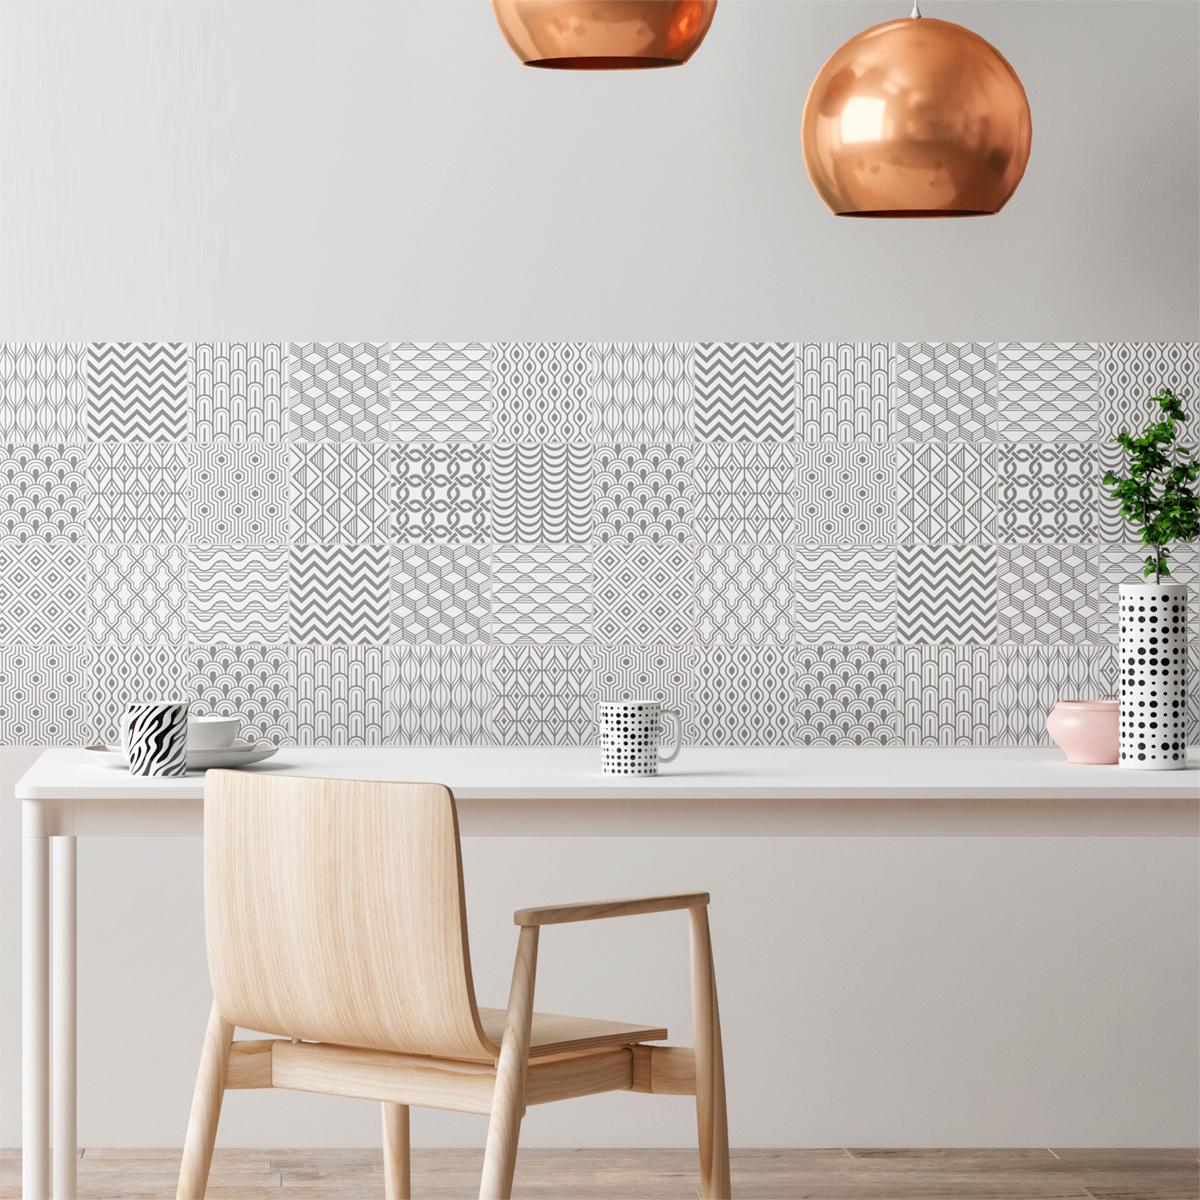 sticker scandinave teintes dans adhsif dcoratif sticker achetez au meilleur prix cur rose ple. Black Bedroom Furniture Sets. Home Design Ideas